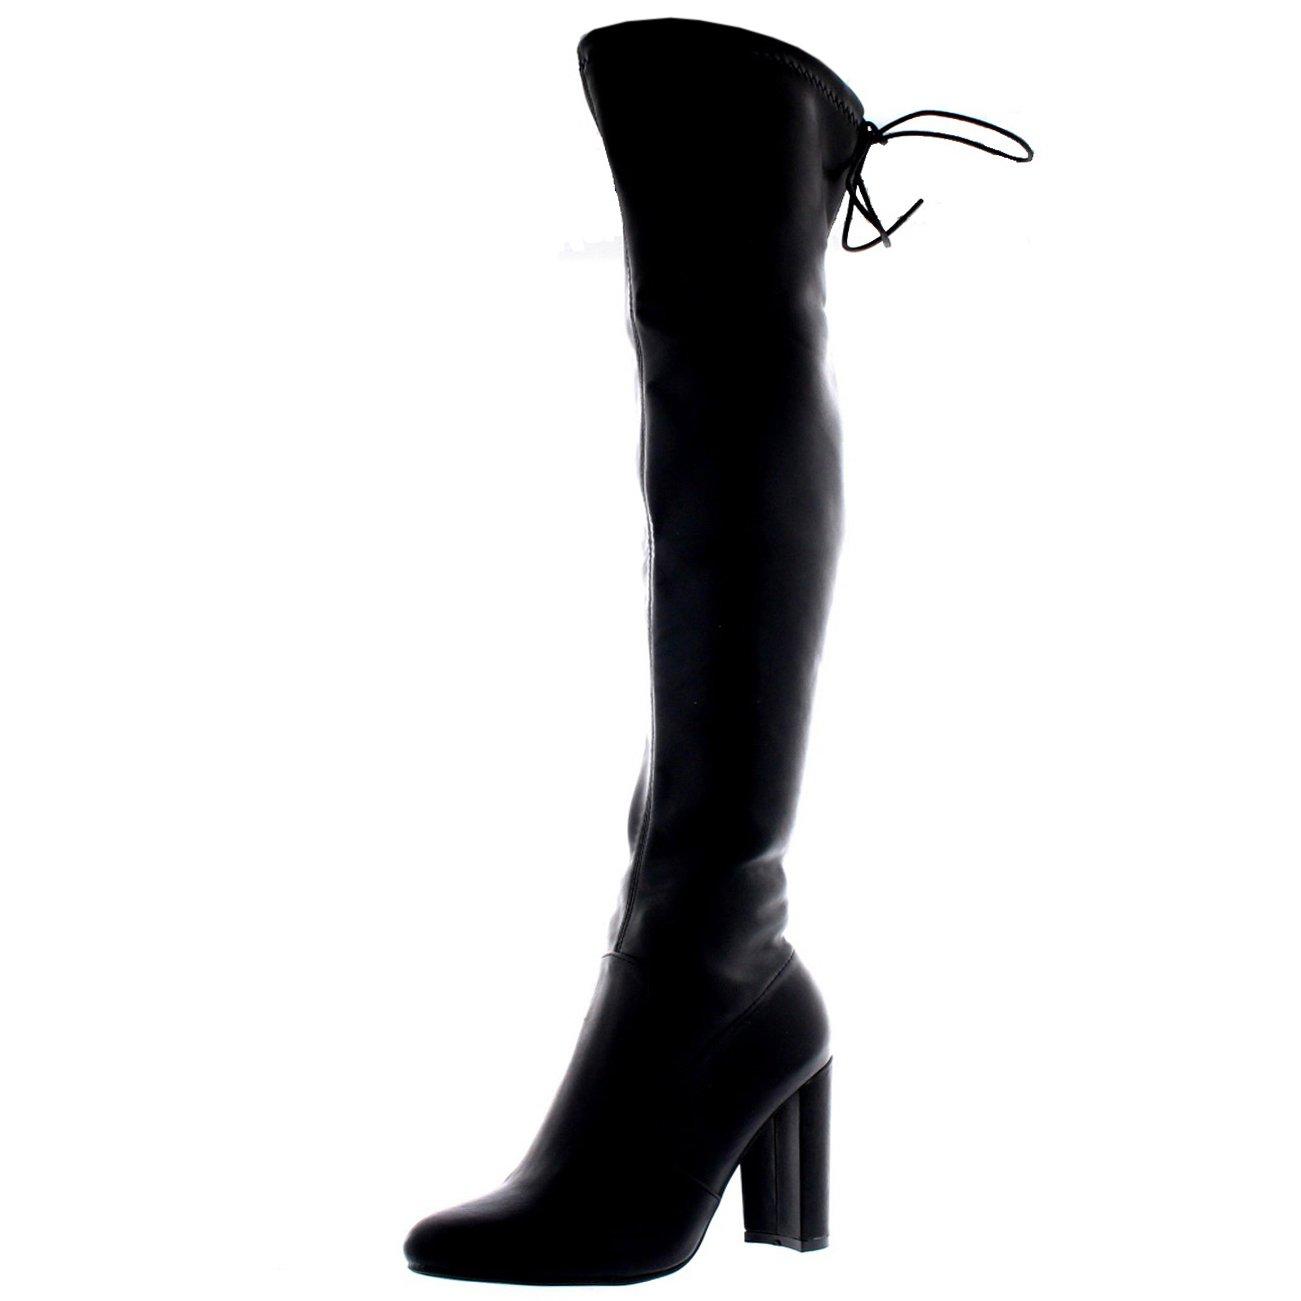 Womens Wide Fit Stretch Long Thigh High Winter Riding Block Heel Boots - Black PU - US8/EU39 - KL0075